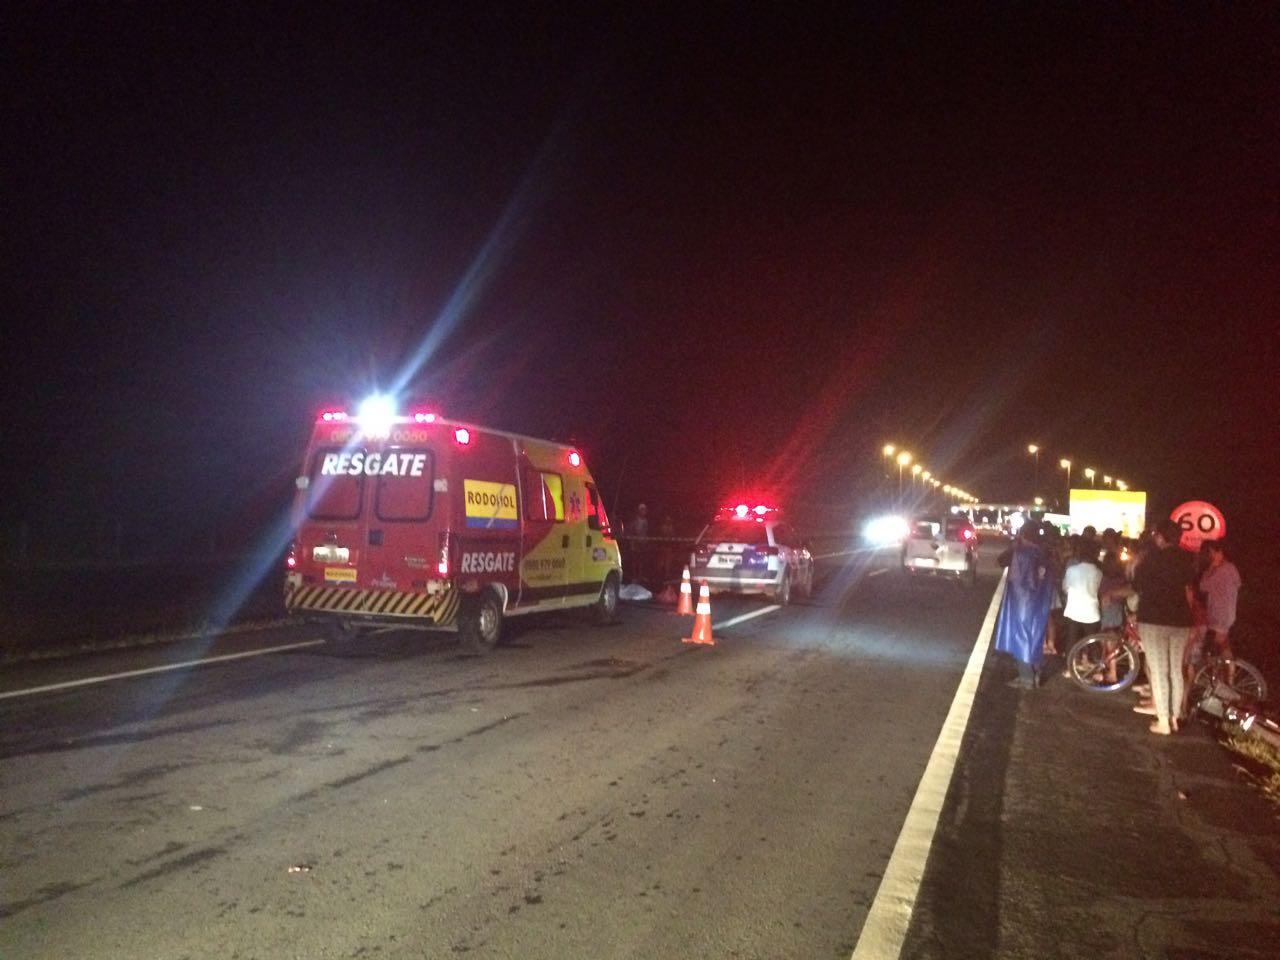 Uma mulher morreu após ter sido atropelada na Rodovia do Sol nesta quarta-feira (03). Crédito: Rodrigo Maia/TV Gazeta